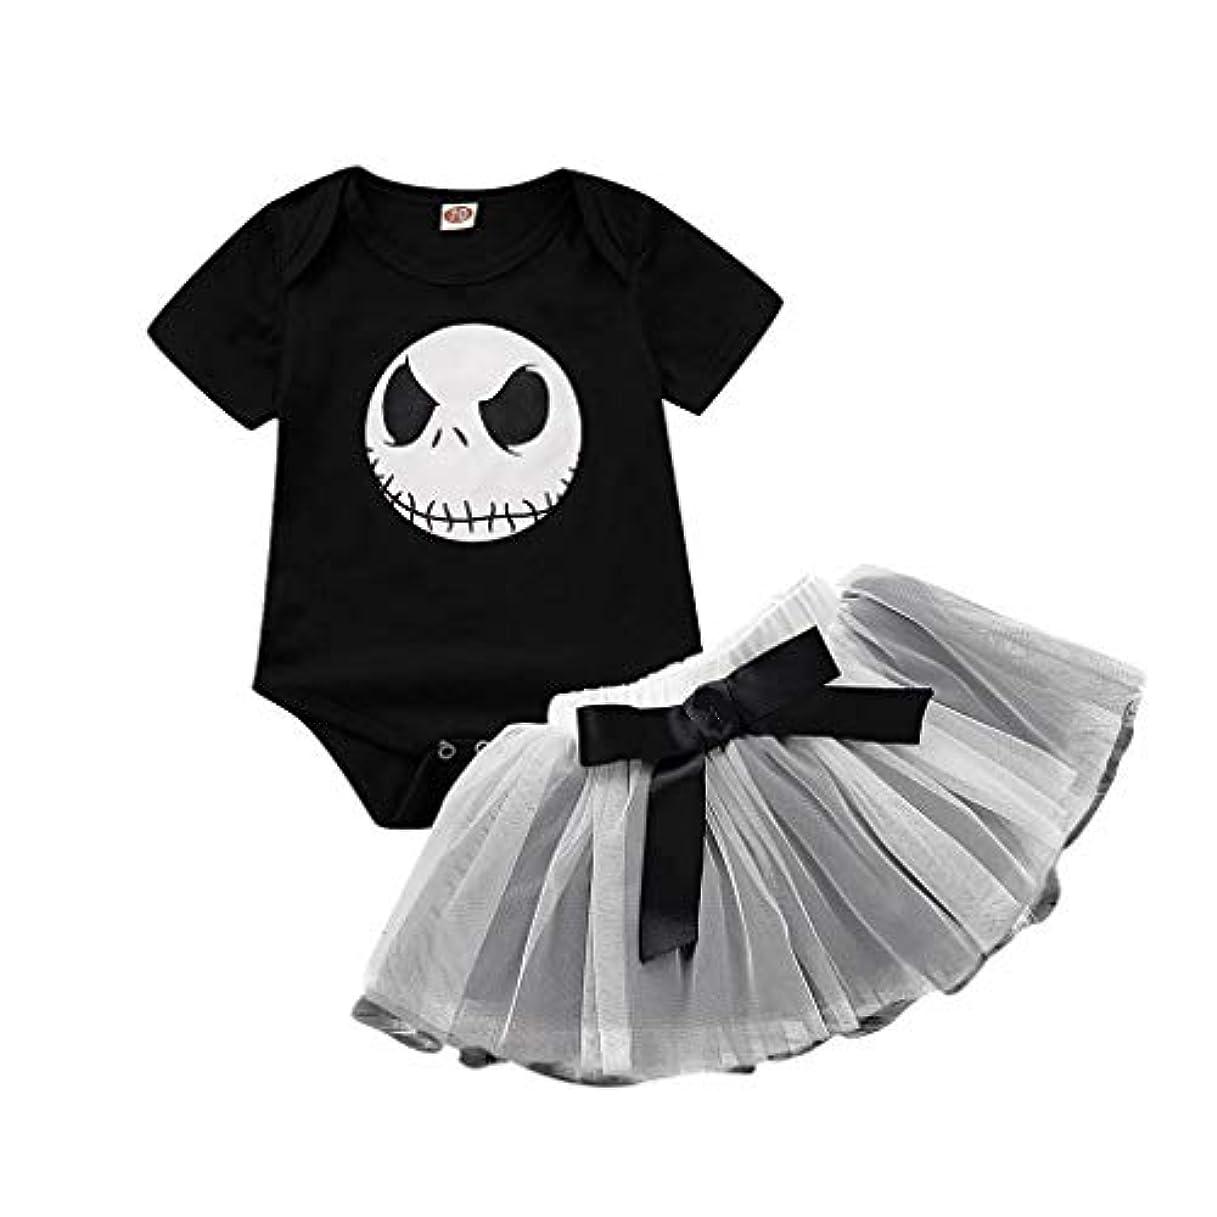 実行可能猟犬パンダMISFIY ハロウィン キッズ ベビー服 子供 女の子 ロンパース ドレス スカート かわいい 仮装衣装 撮影 写真 道具 (100)